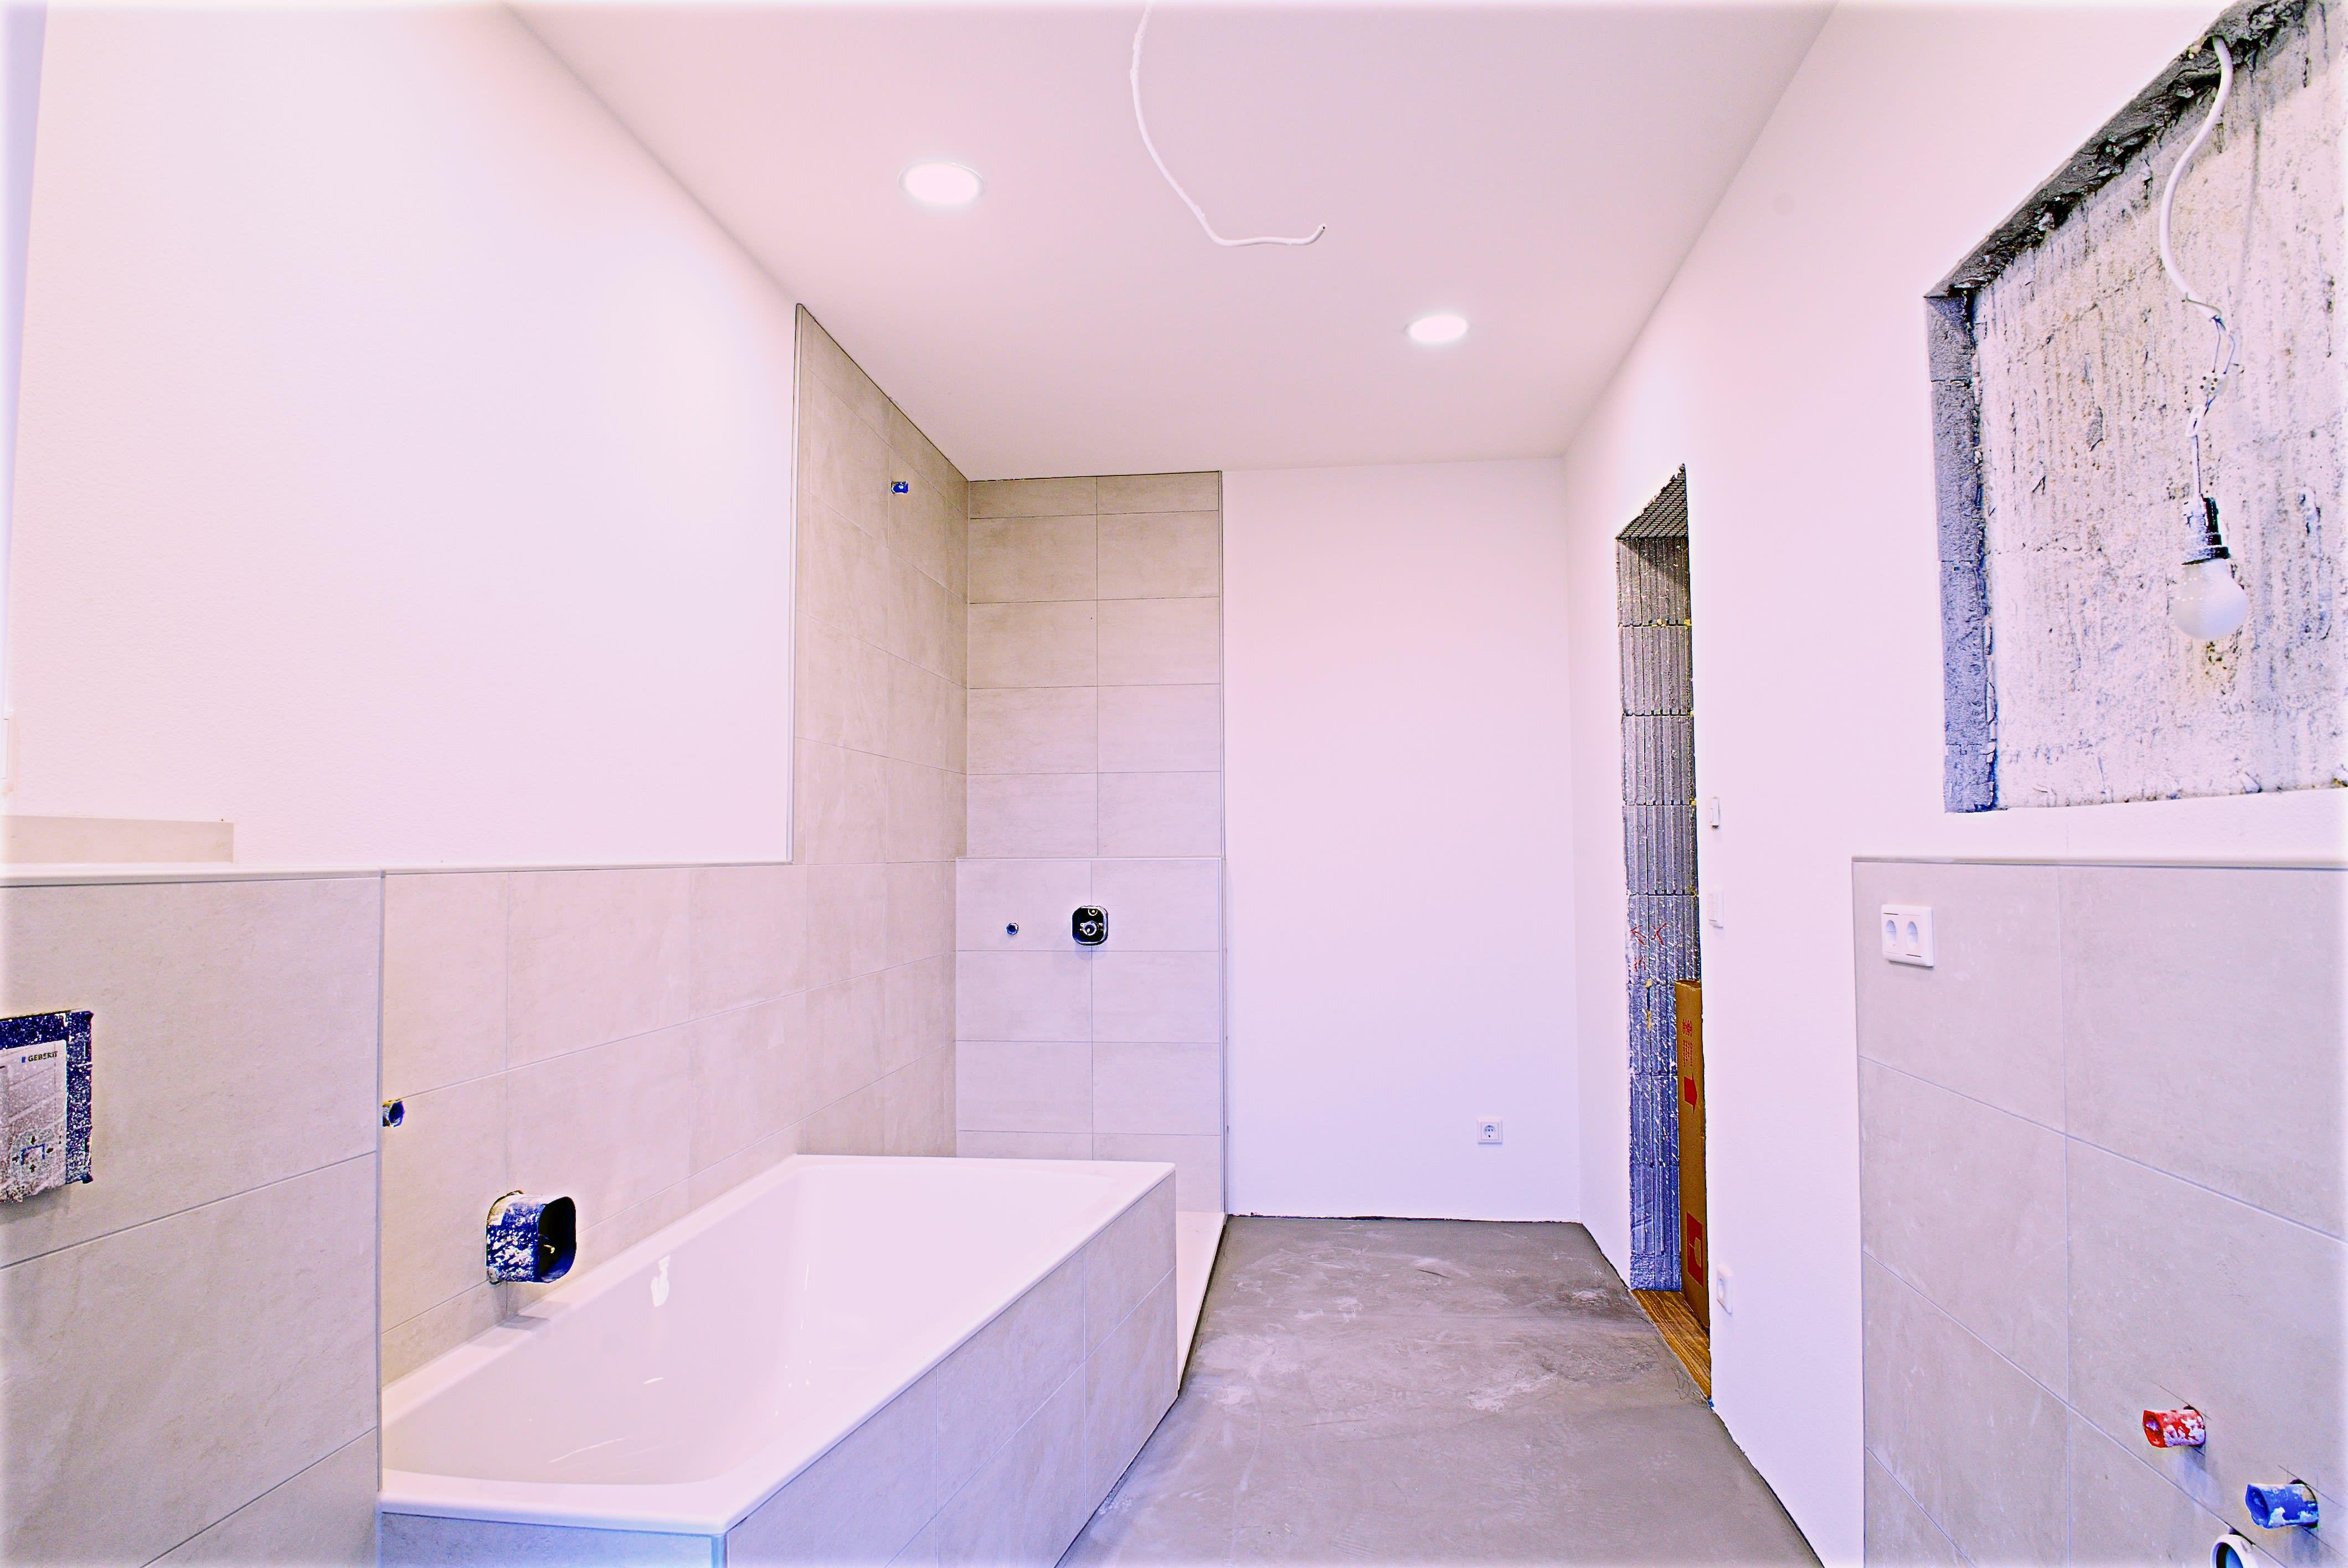 Ehemaliger Keller saniert zu Badezimmer